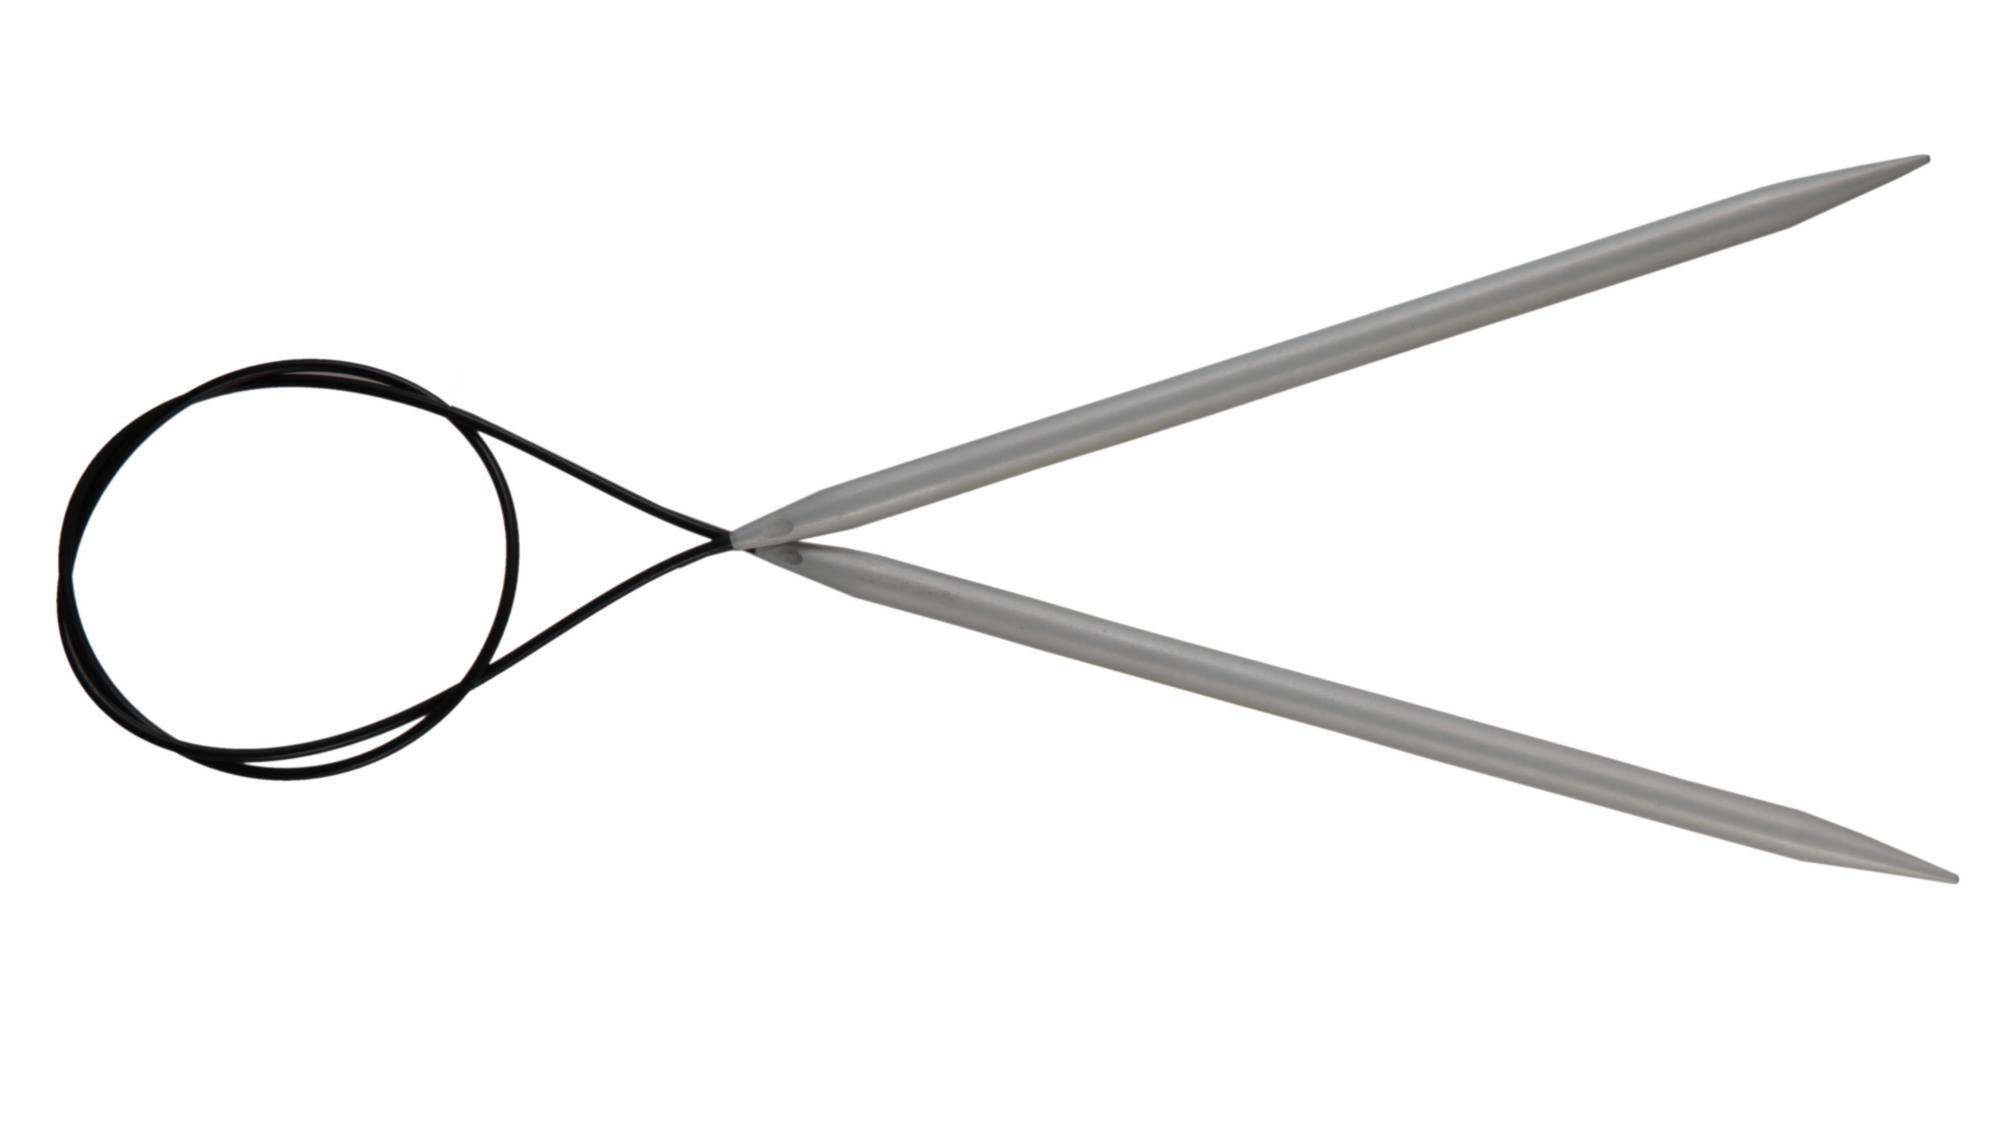 Спицы круговые 150 см Basix Aluminium KnitPro, 45365, 4.00 мм